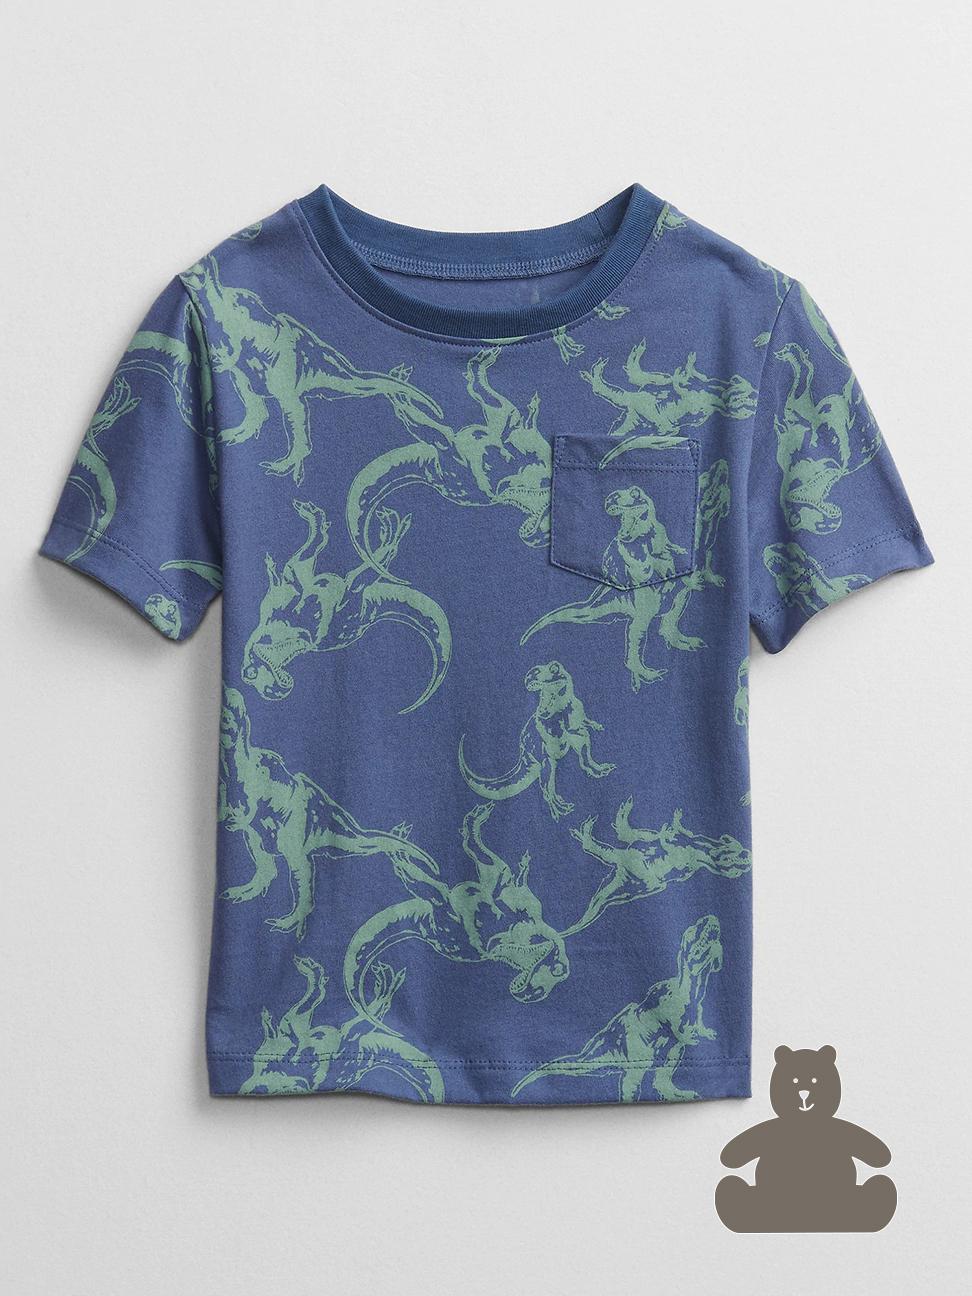 幼童 布萊納系列 童趣印花圓領短袖T恤